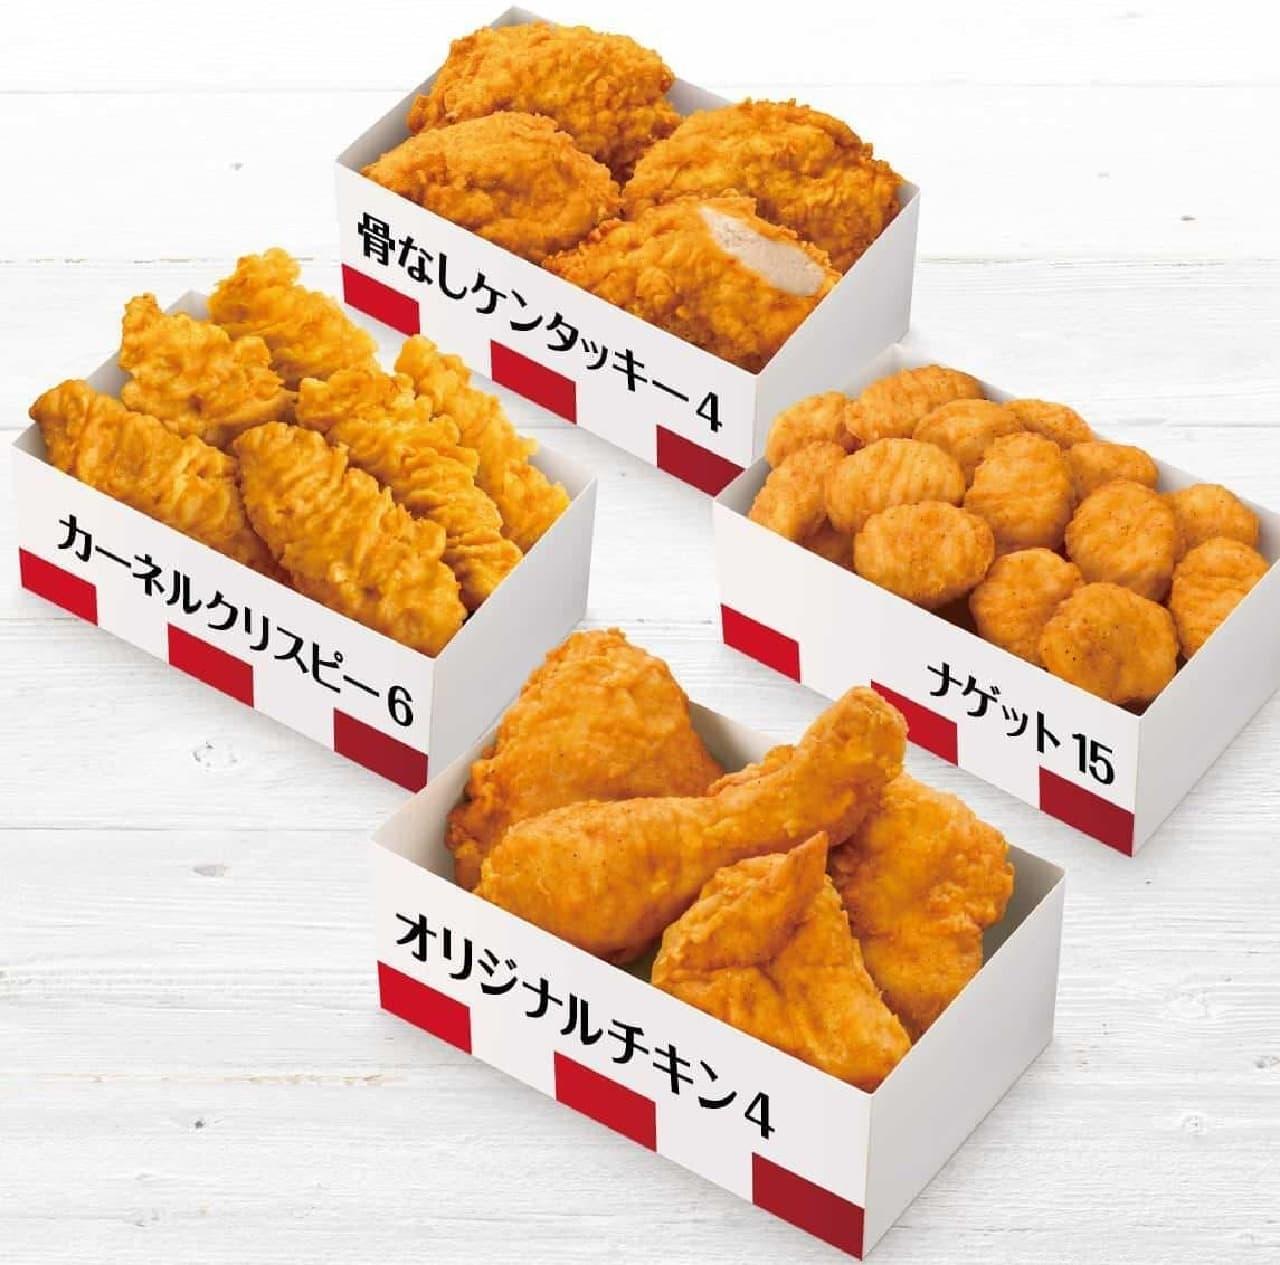 ケンタッキー・フライド・チキン「シェアBOX(ボックス)」